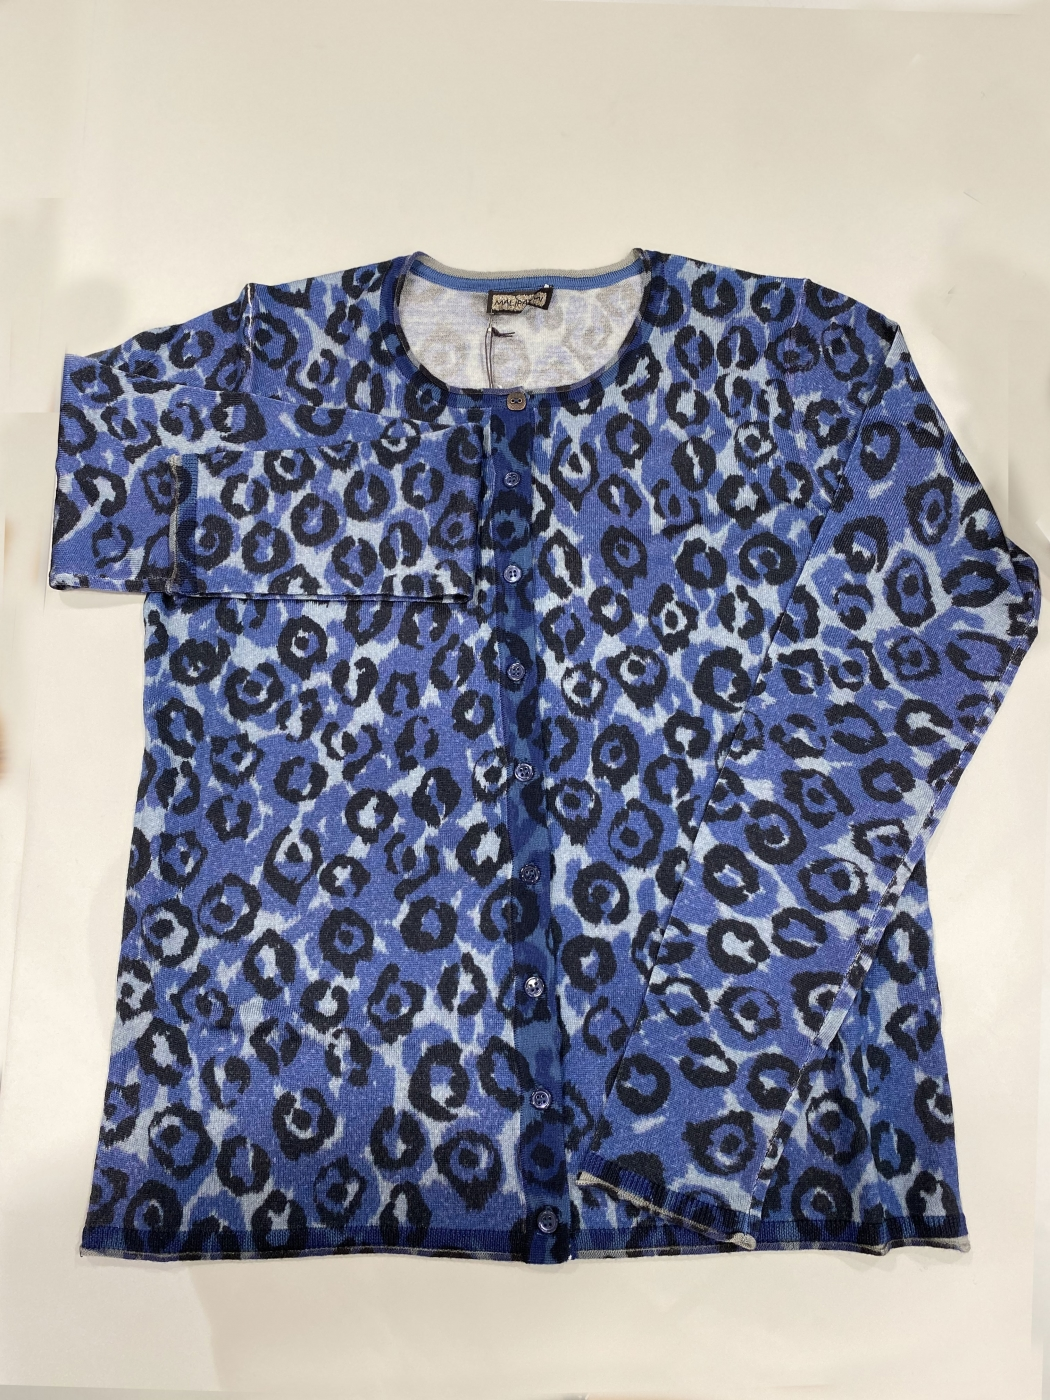 MALÌPARMI Chaqueta de algodón estampado leopardo azul -